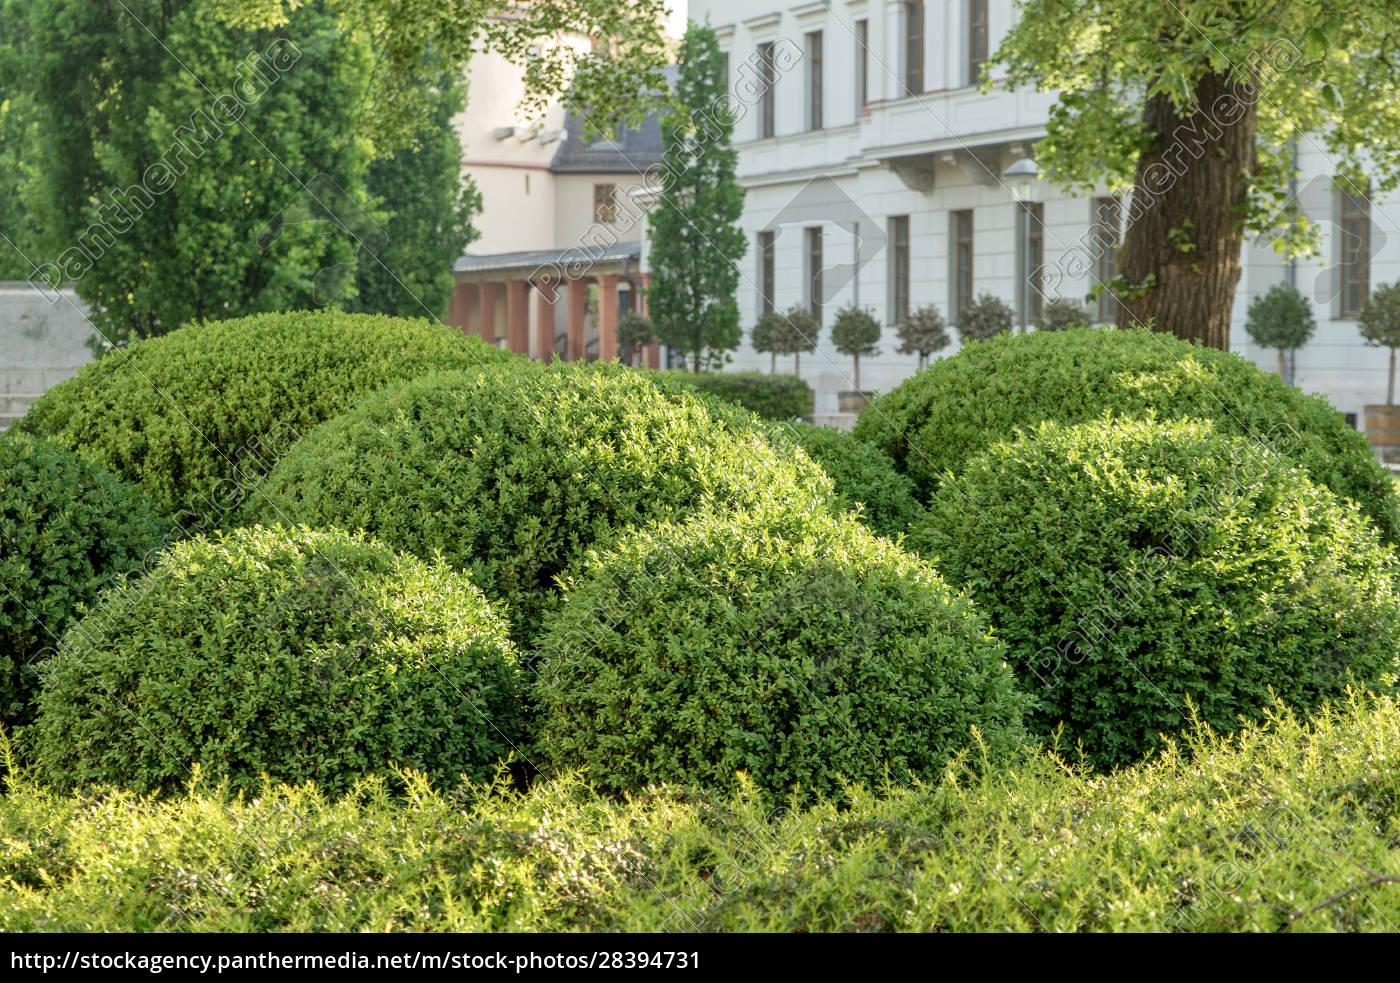 geformte, buchsbaumkugeln - 28394731